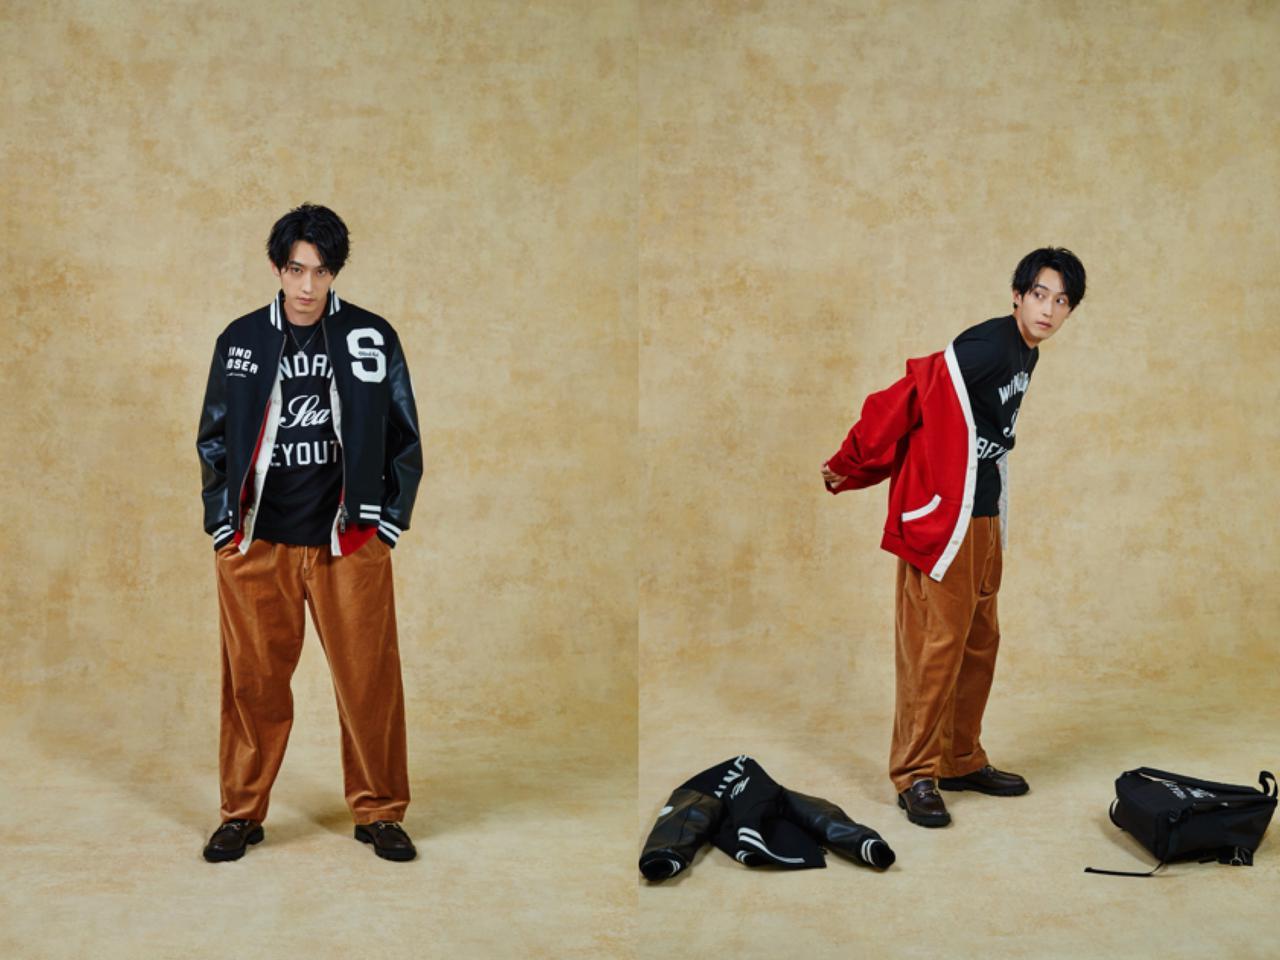 画像17: 東京発のアパレルブランド3周年を記念した杉野遥亮起用のコレクション展開